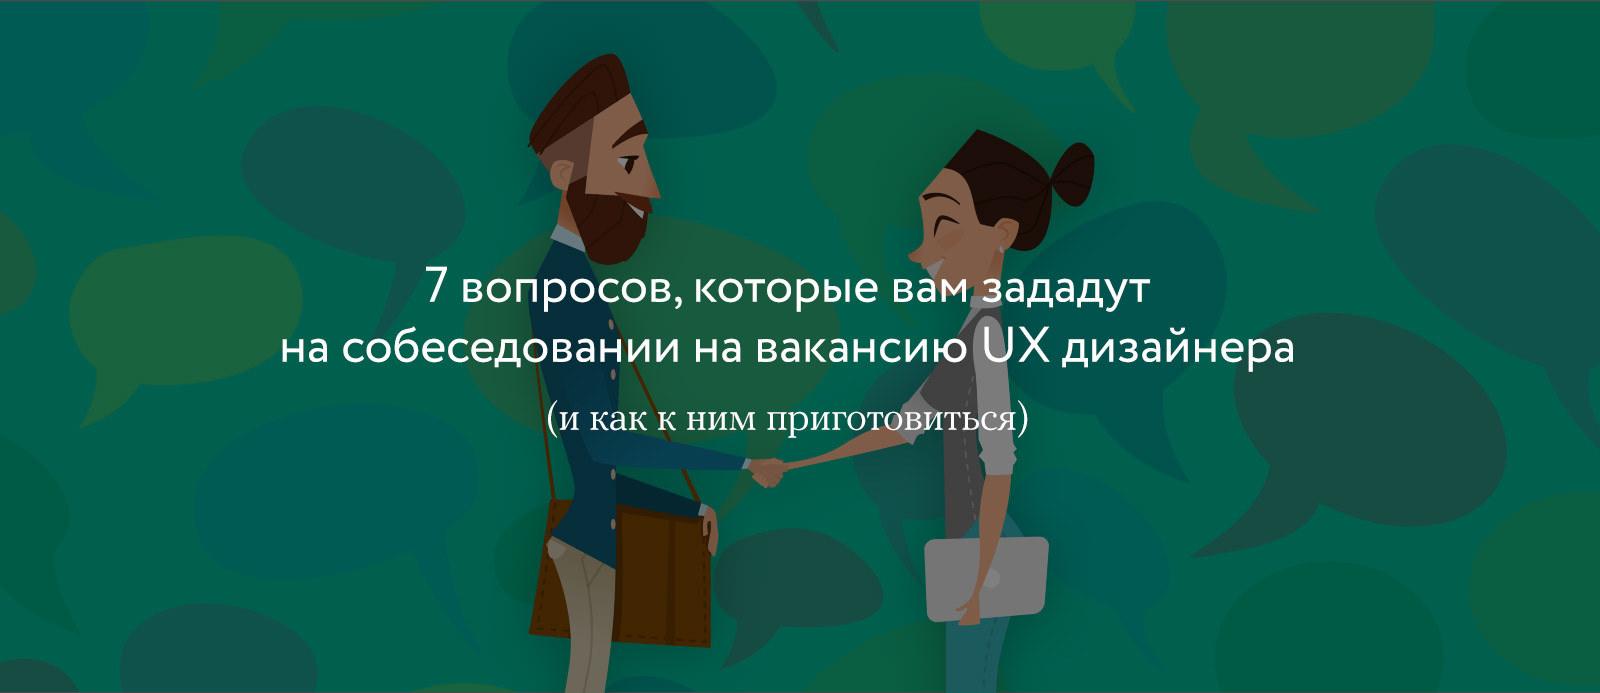 7 вопросов, которые вам зададут на собеседовании на вакансию UX дизайнера